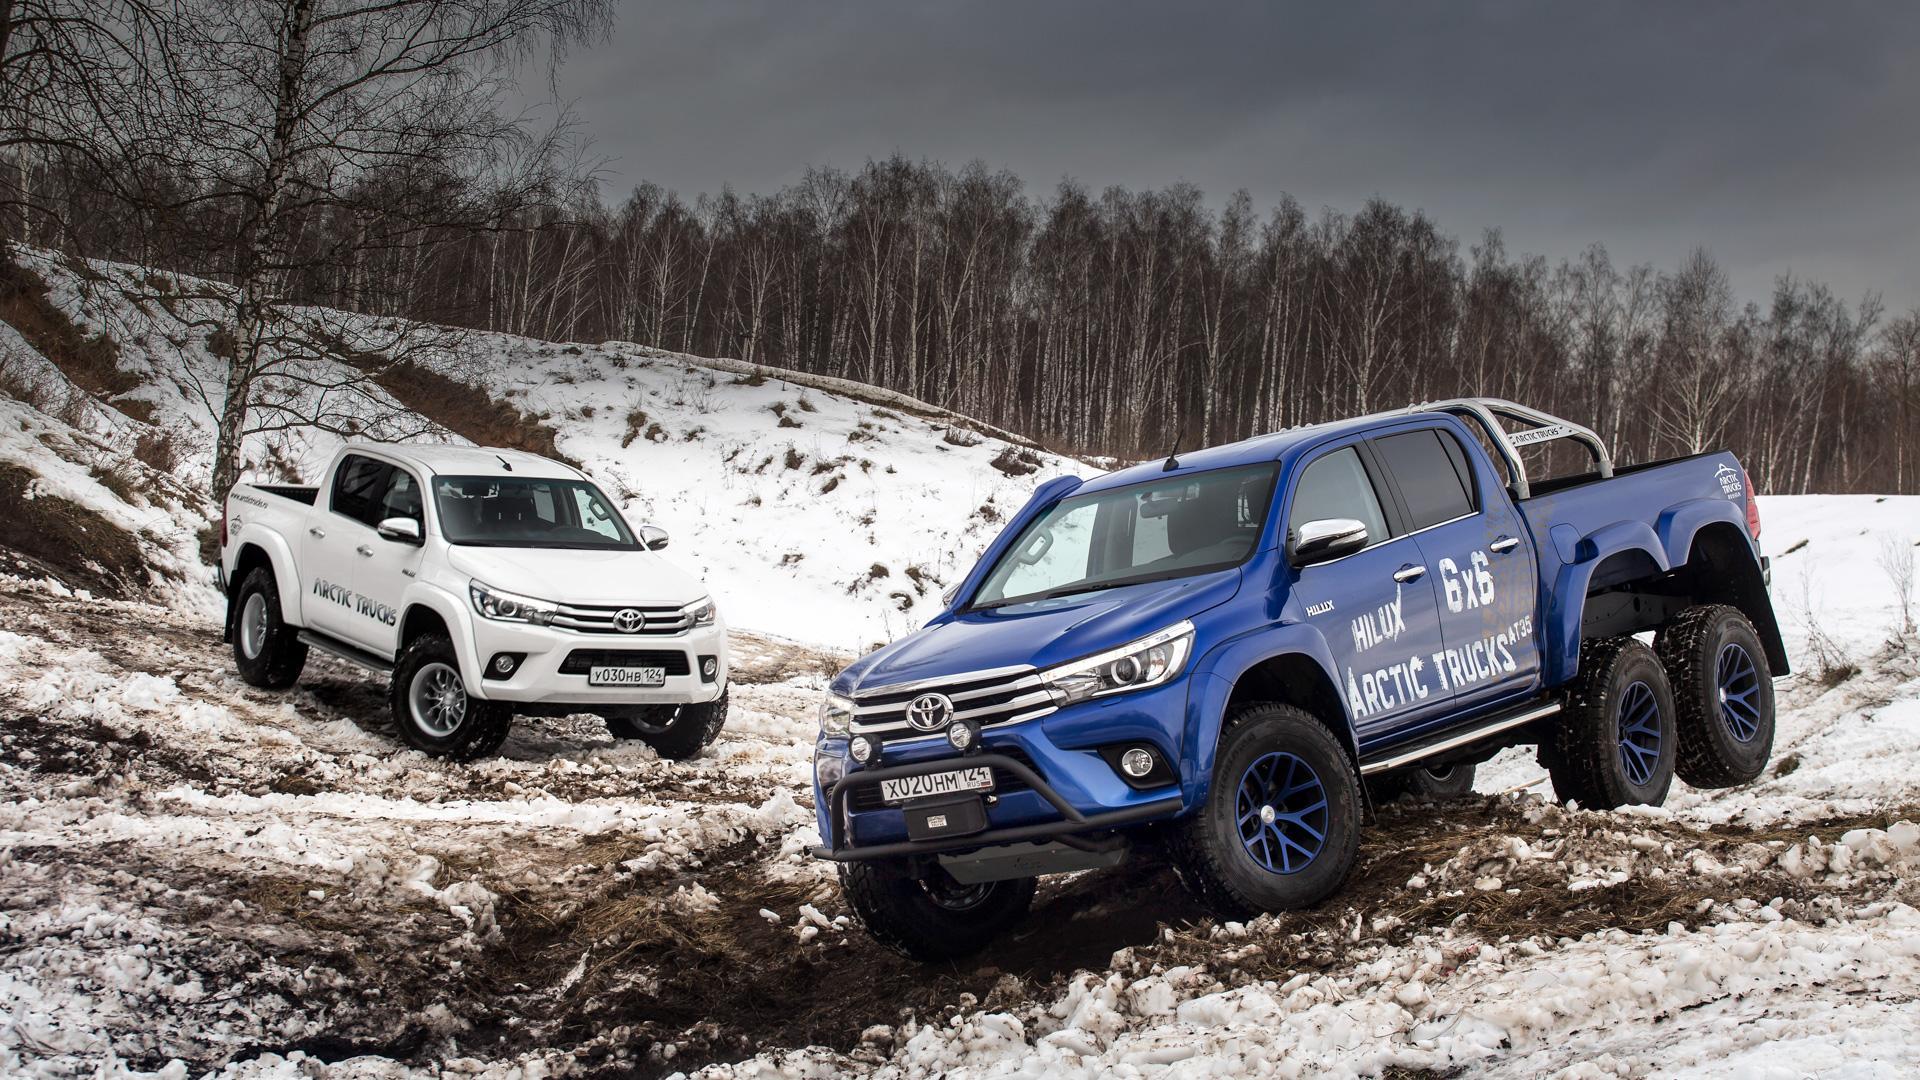 Тойота Хайлюкс Arctic Trucks